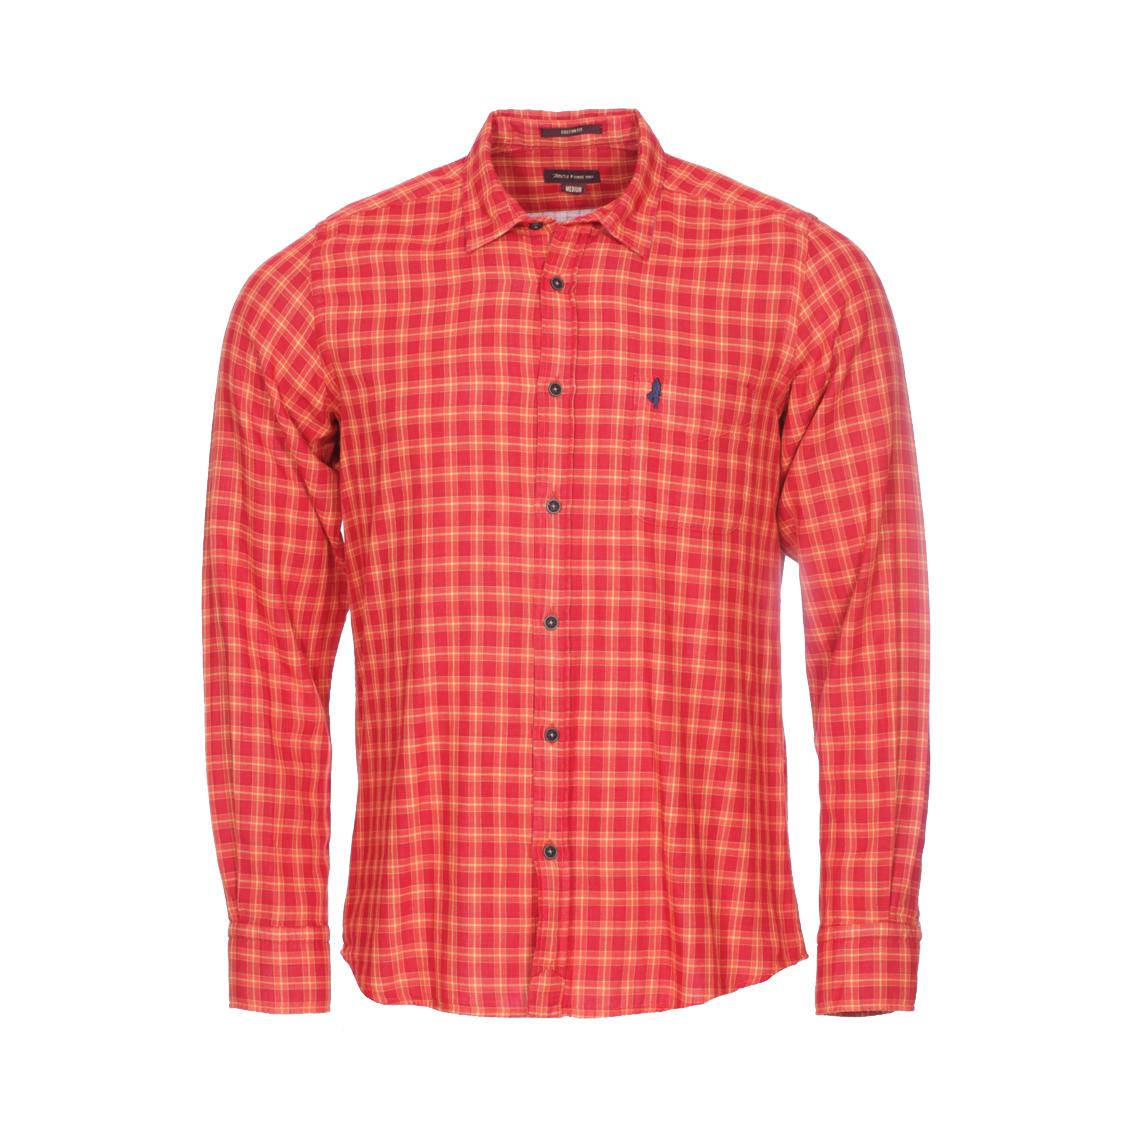 Chemise ajustée MCS en coton rouge à carreaux